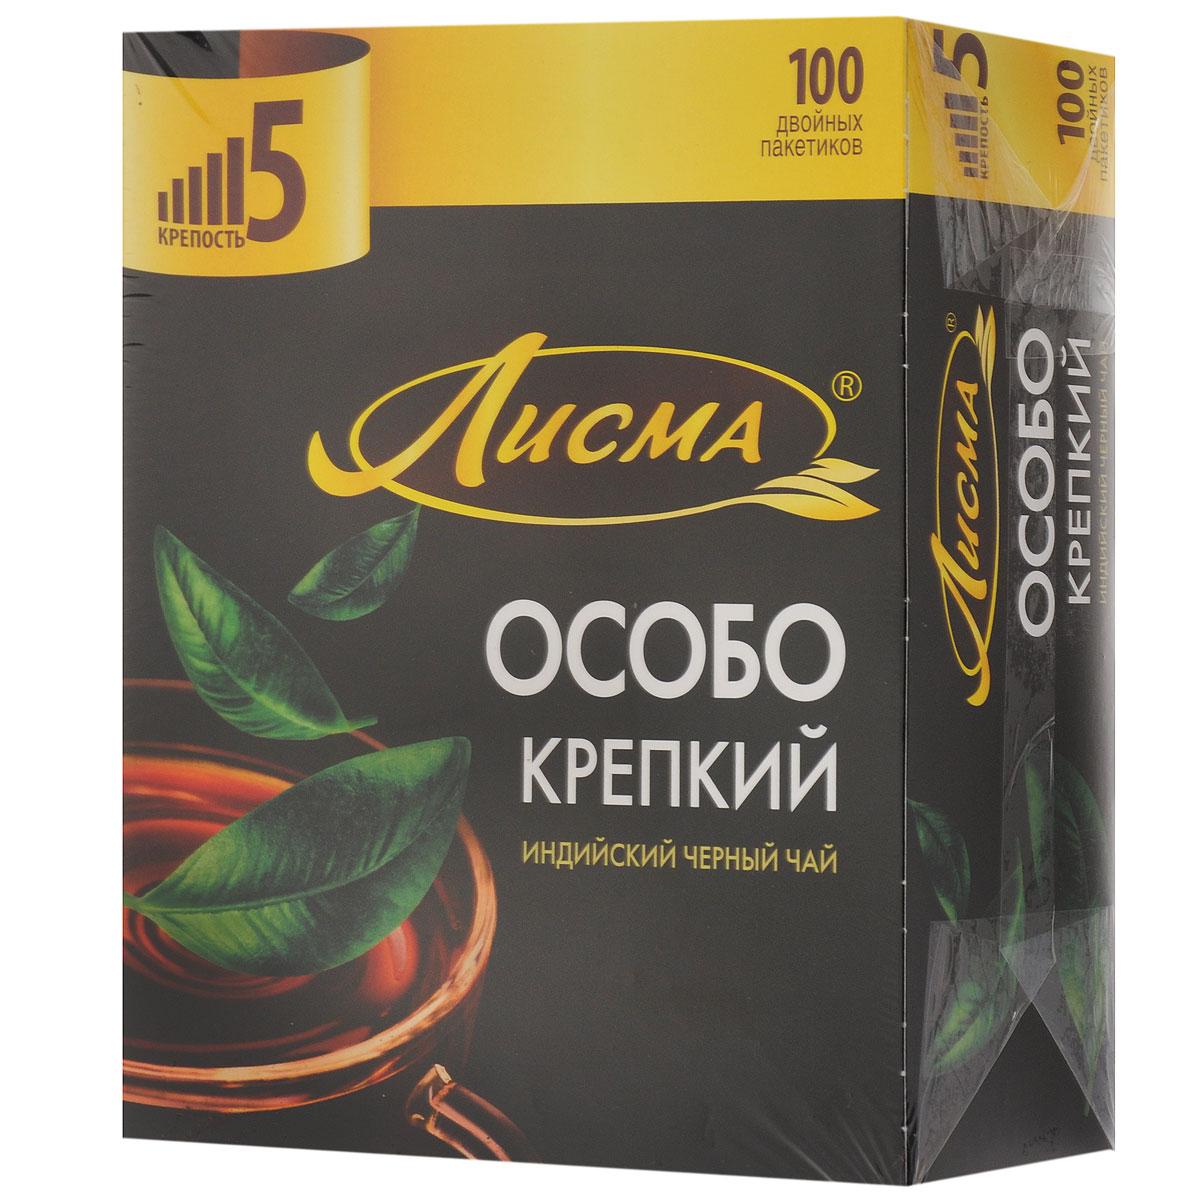 Лисма Особо Крепкий черный чай в пакетиках, 100 шт212701Лисма Особо Крепкий - индийский черный байховый чай в пакетиках. В коробке содержится 100 пакетиков по 2,3 грамма.